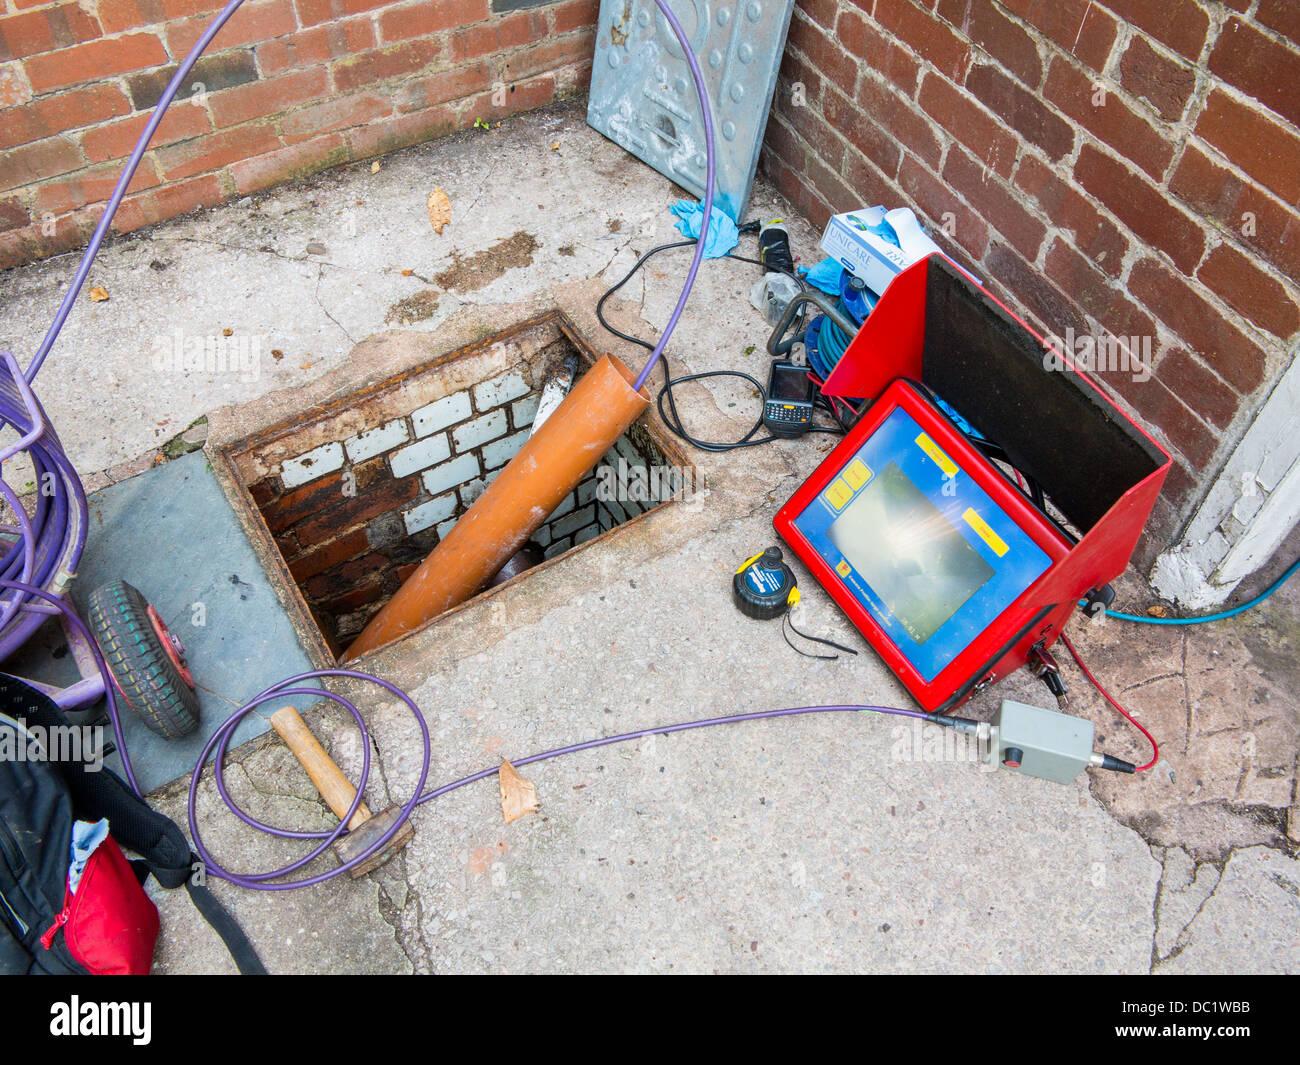 Vidange d'égout bloqué à l'aide d'enquête de l'appareil photo à distance Photo Stock